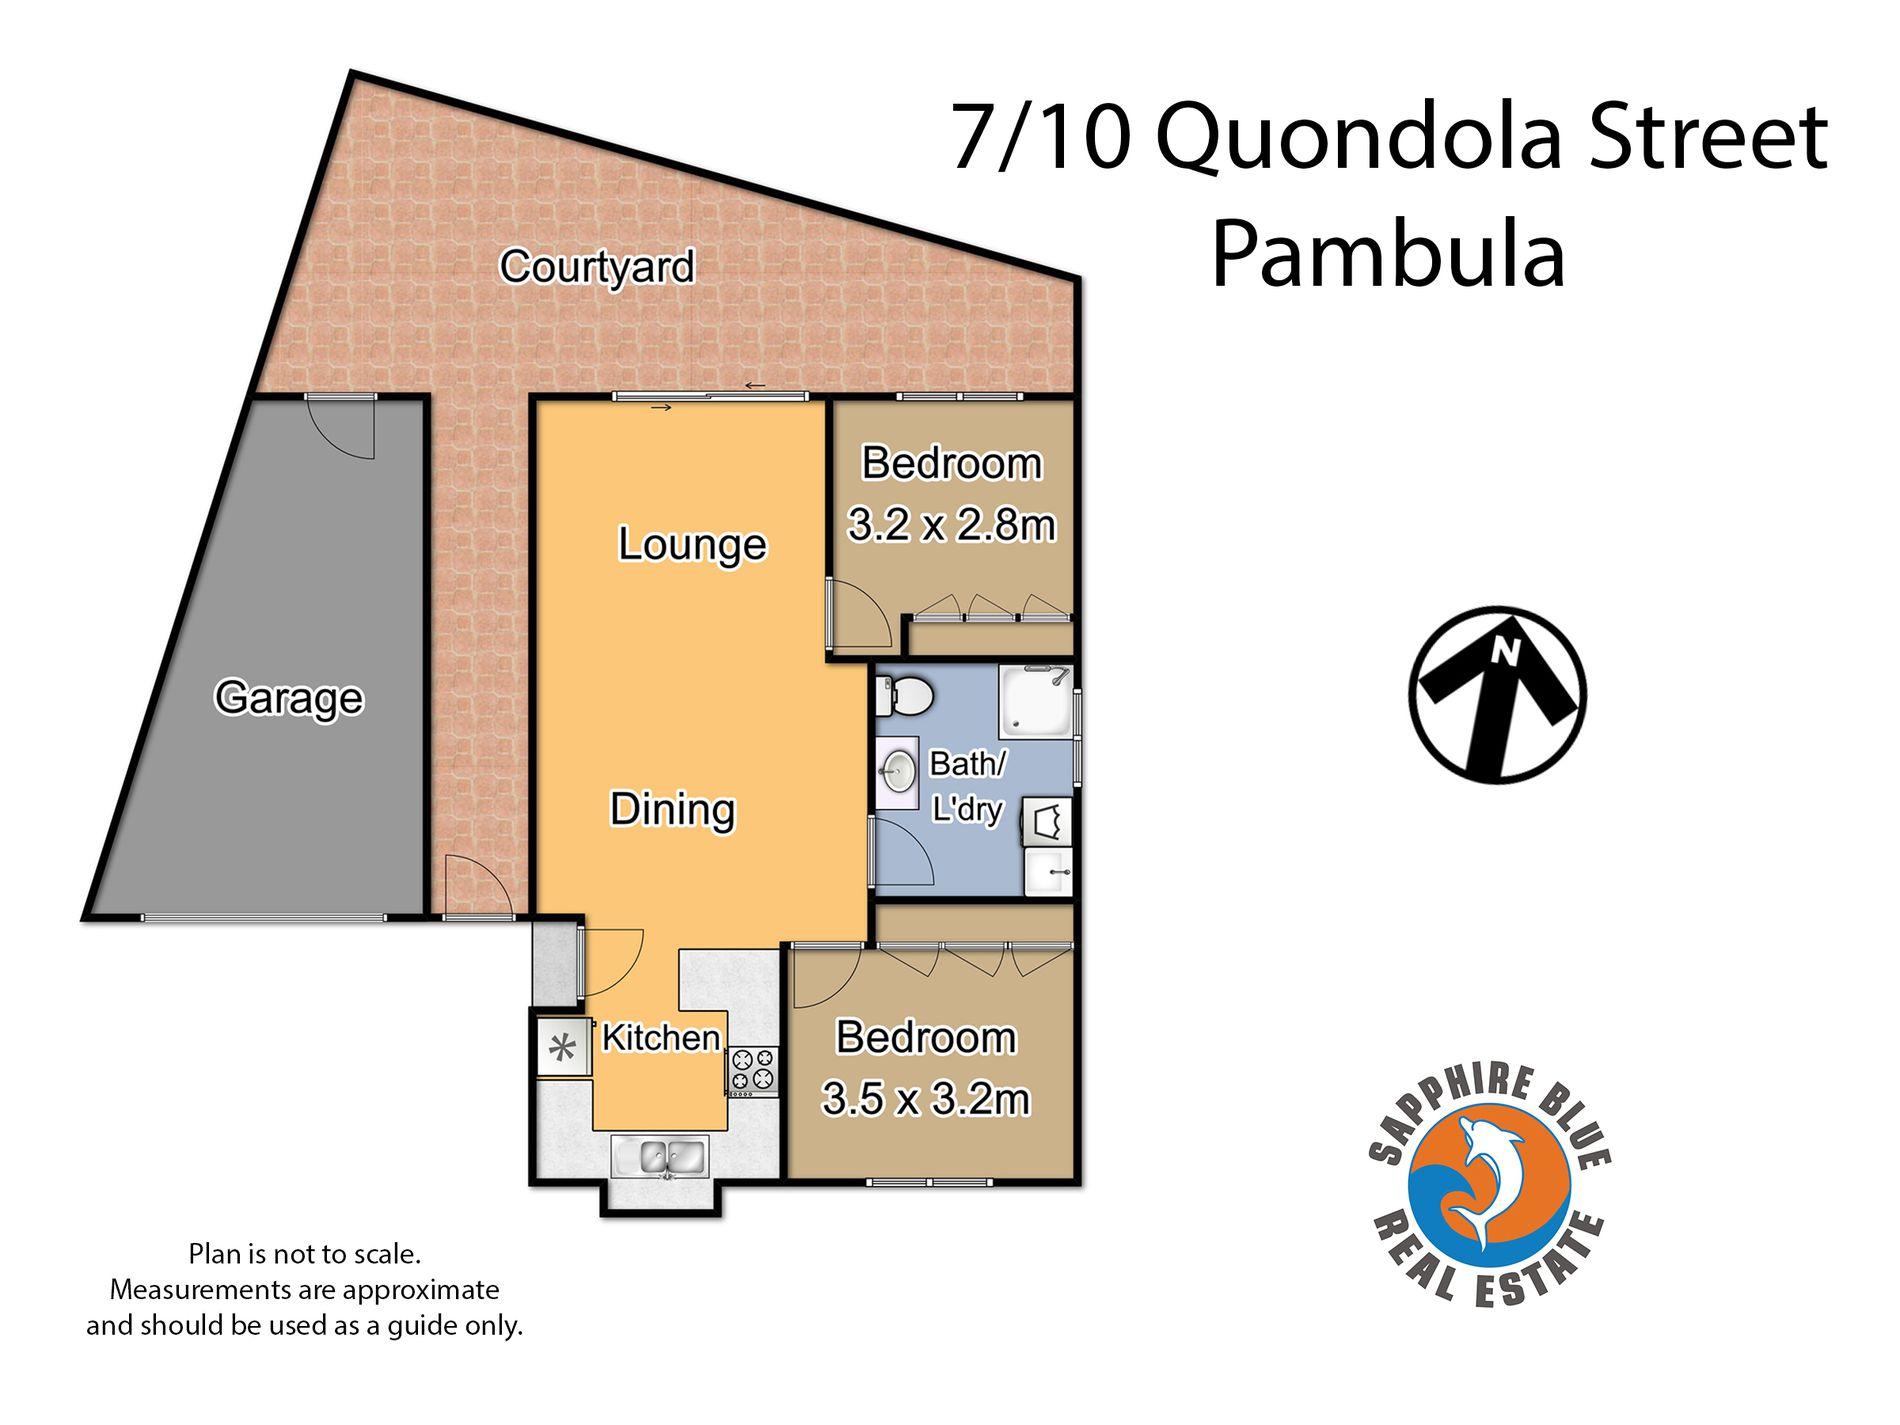 7 / 10 Quondola St, Pambula